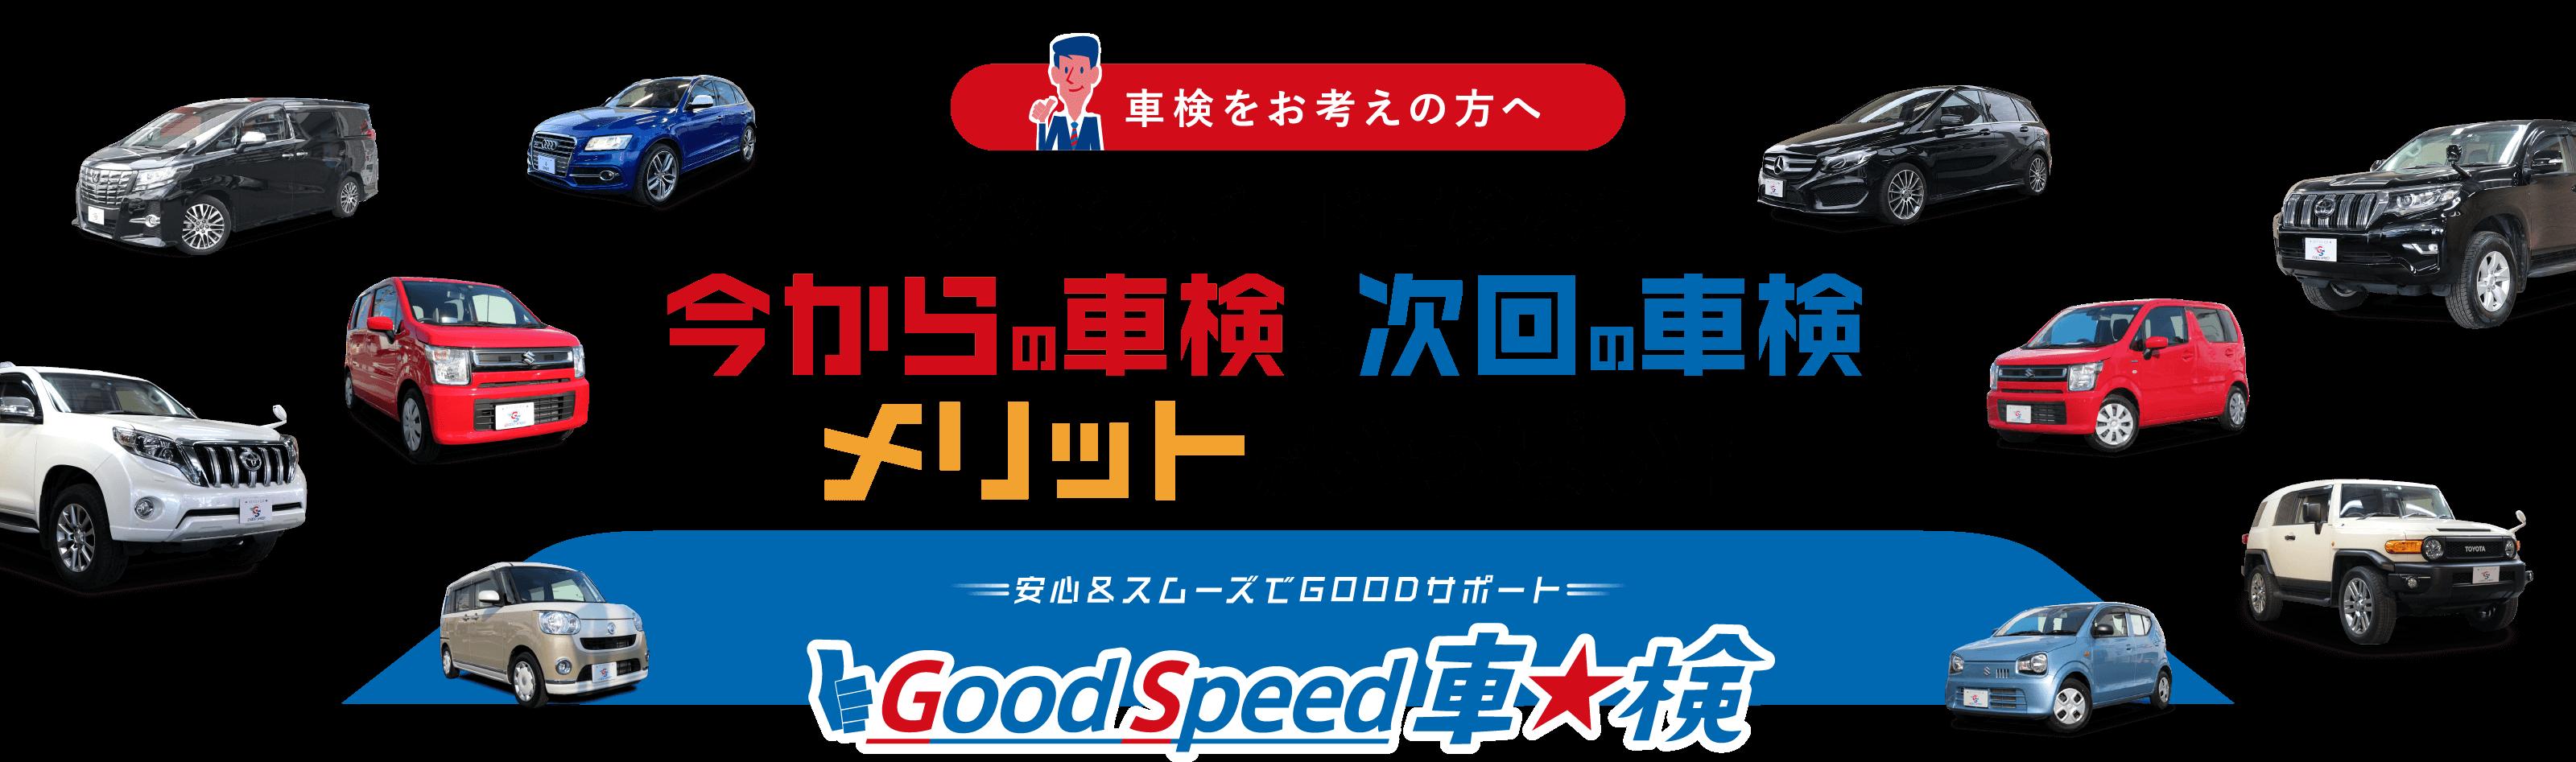 グッドスピード車検